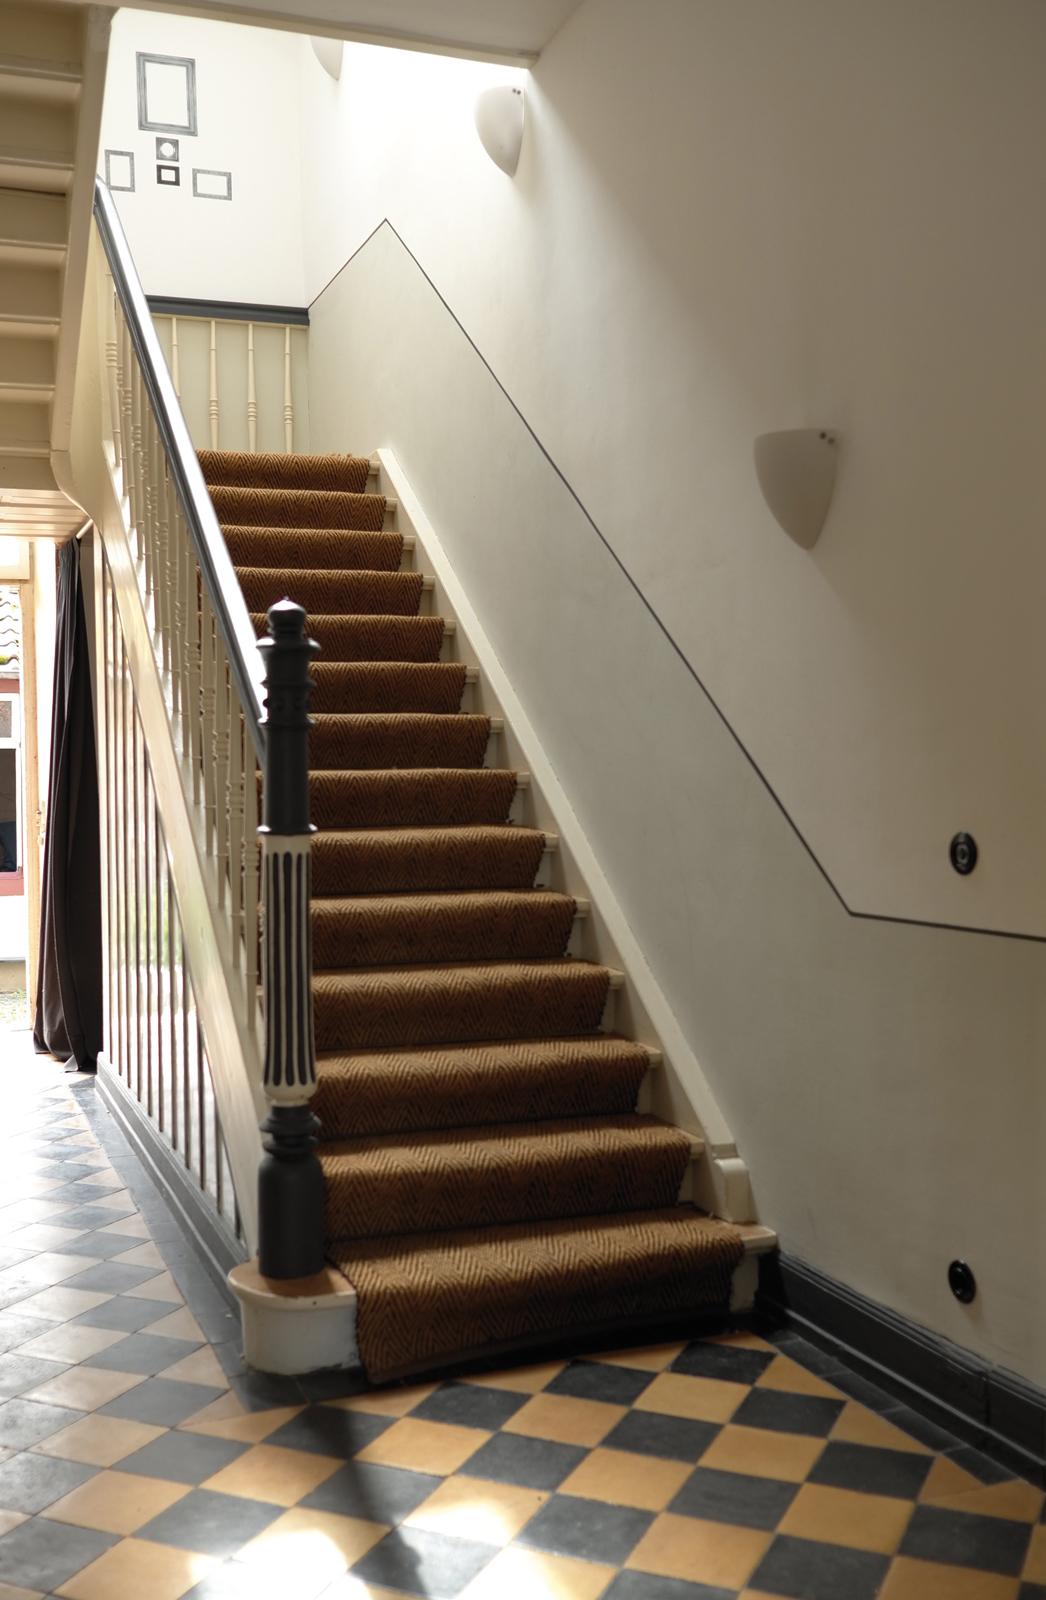 kreidefarbe-Wolkenweiß-112-treppenhaus-zementfliesen-terrazzofliesen-viaplatten | Kreidefarbe Wolkenweiß 2500 ml